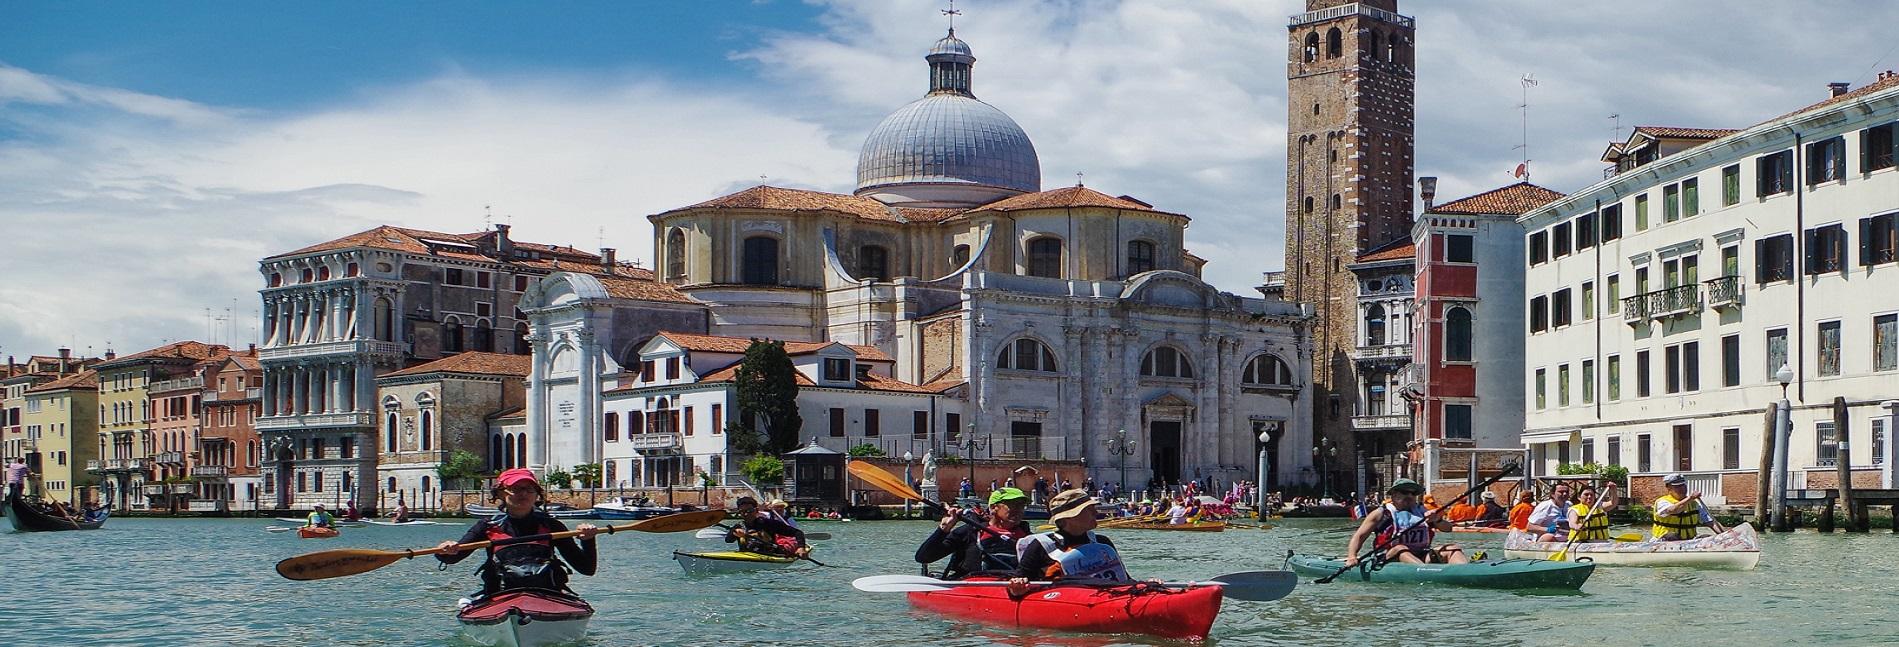 Venise-36